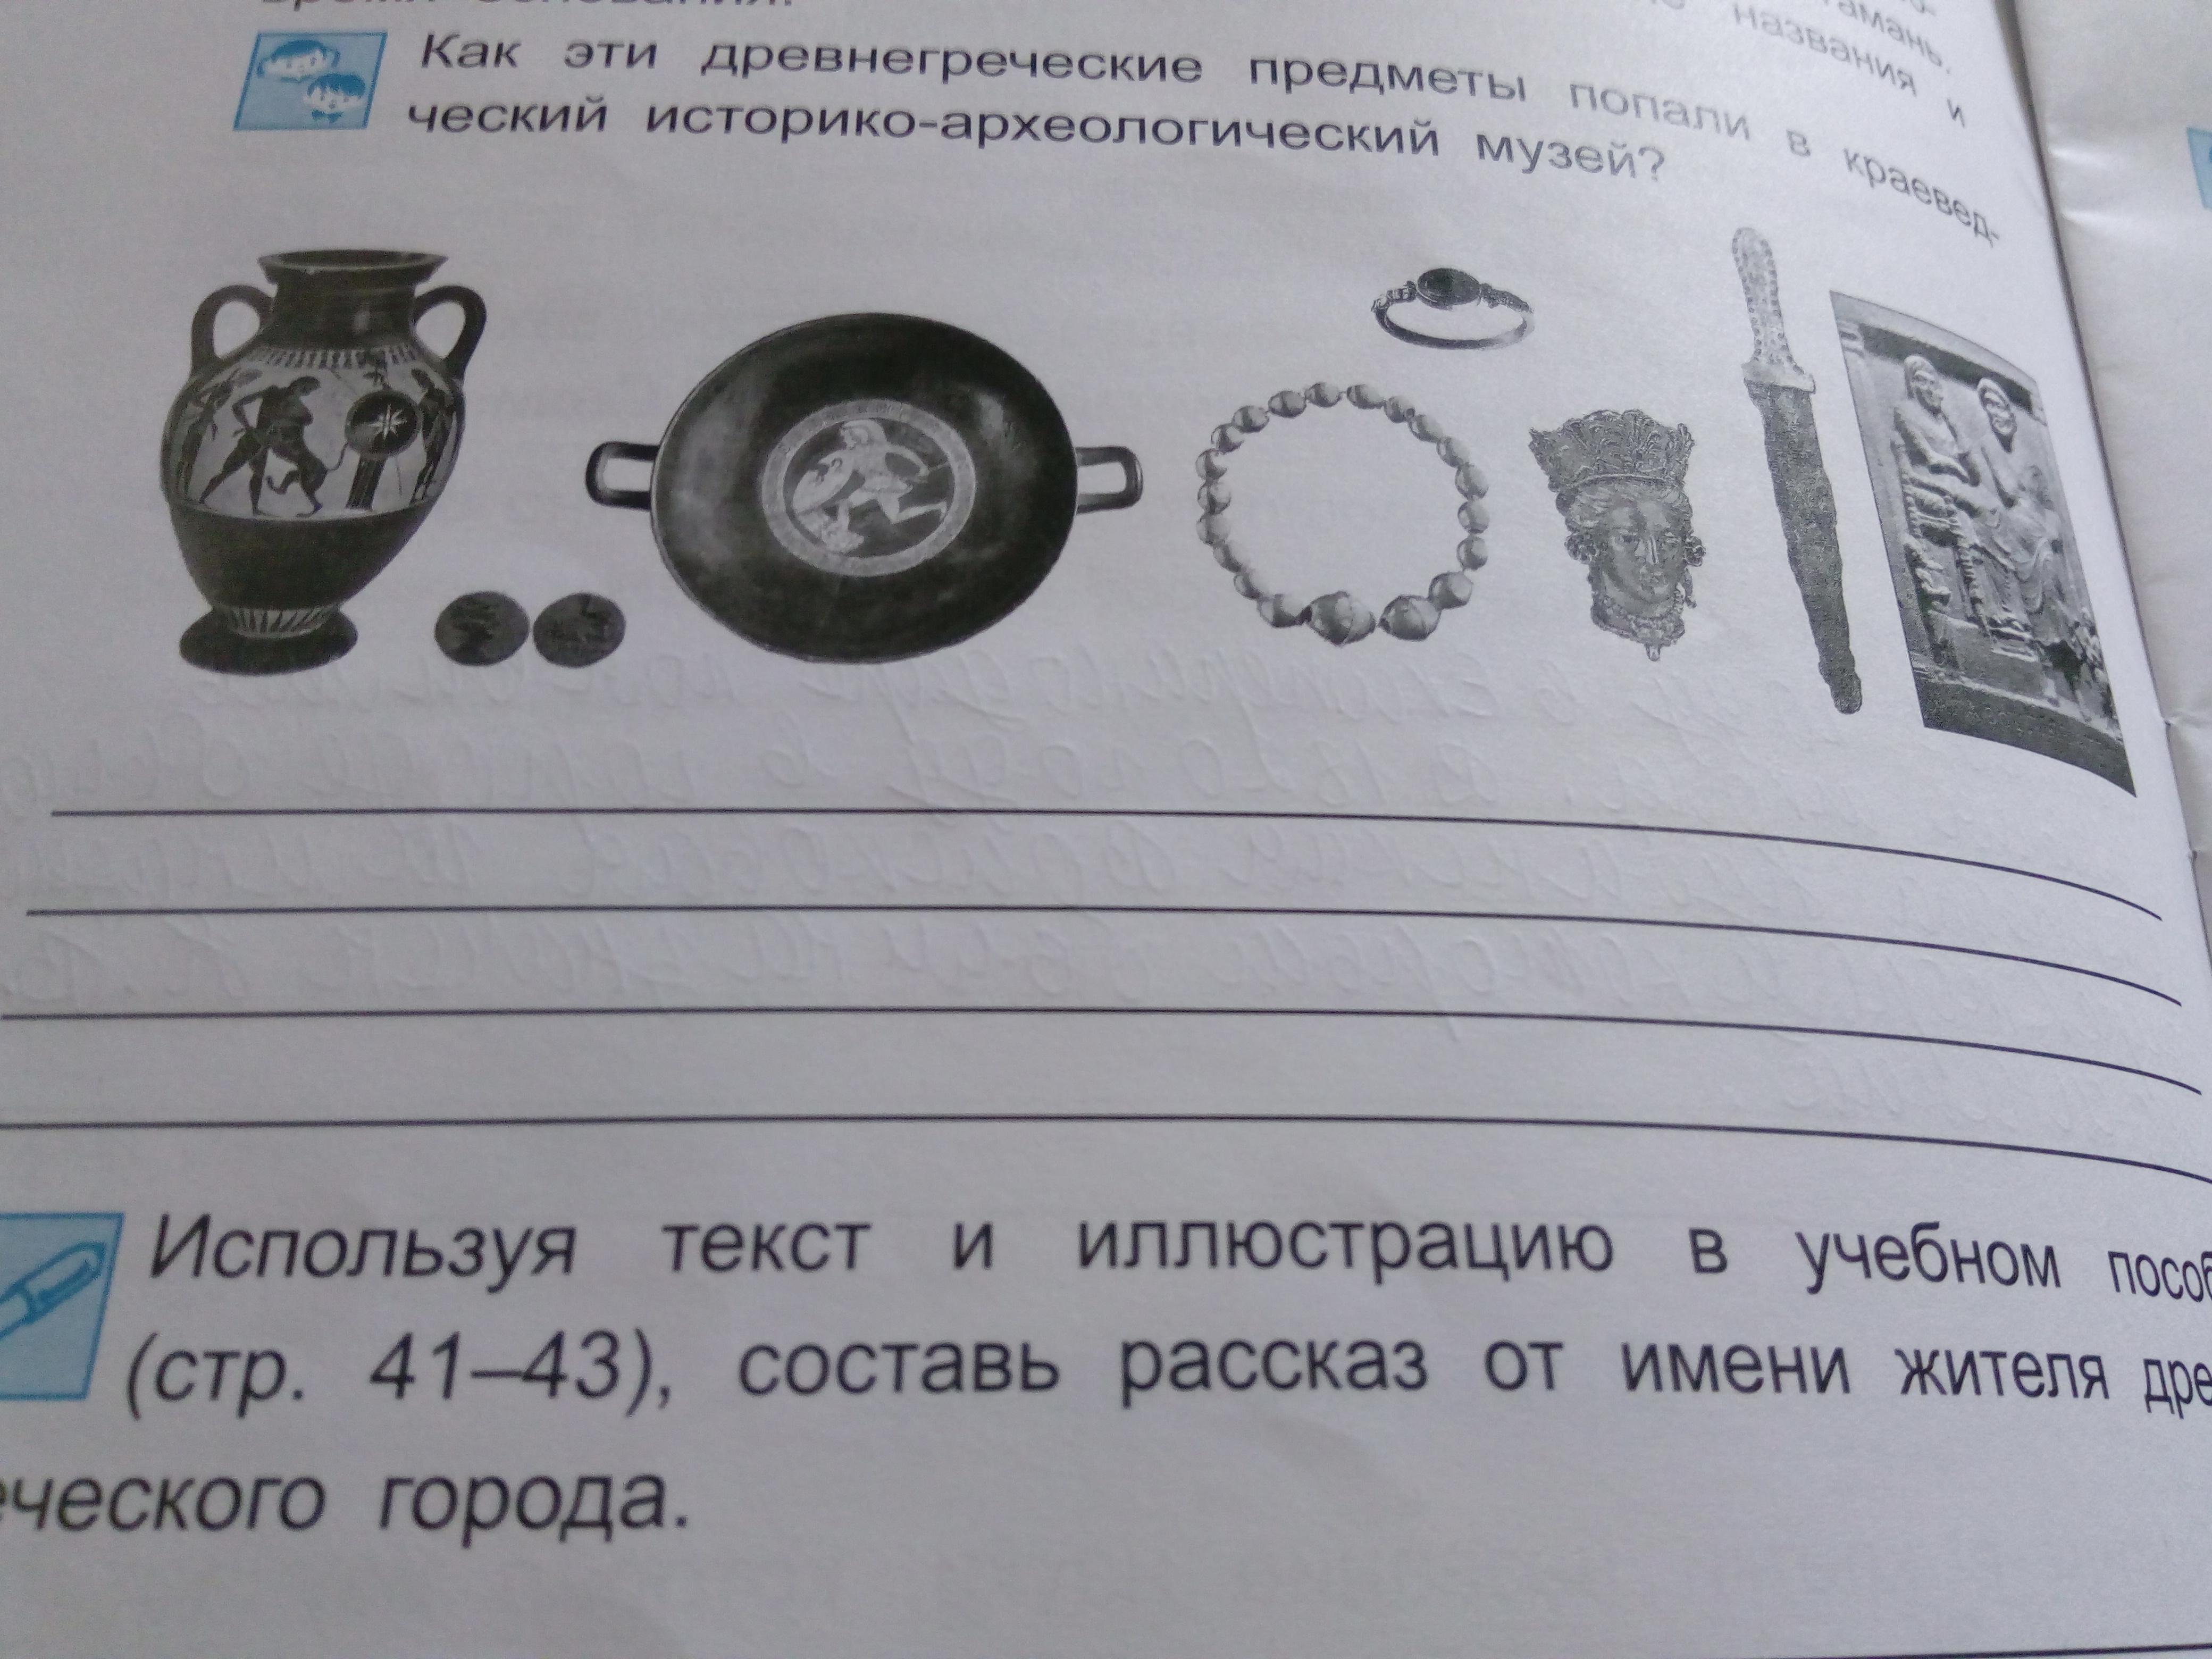 Предметы древнегреческие